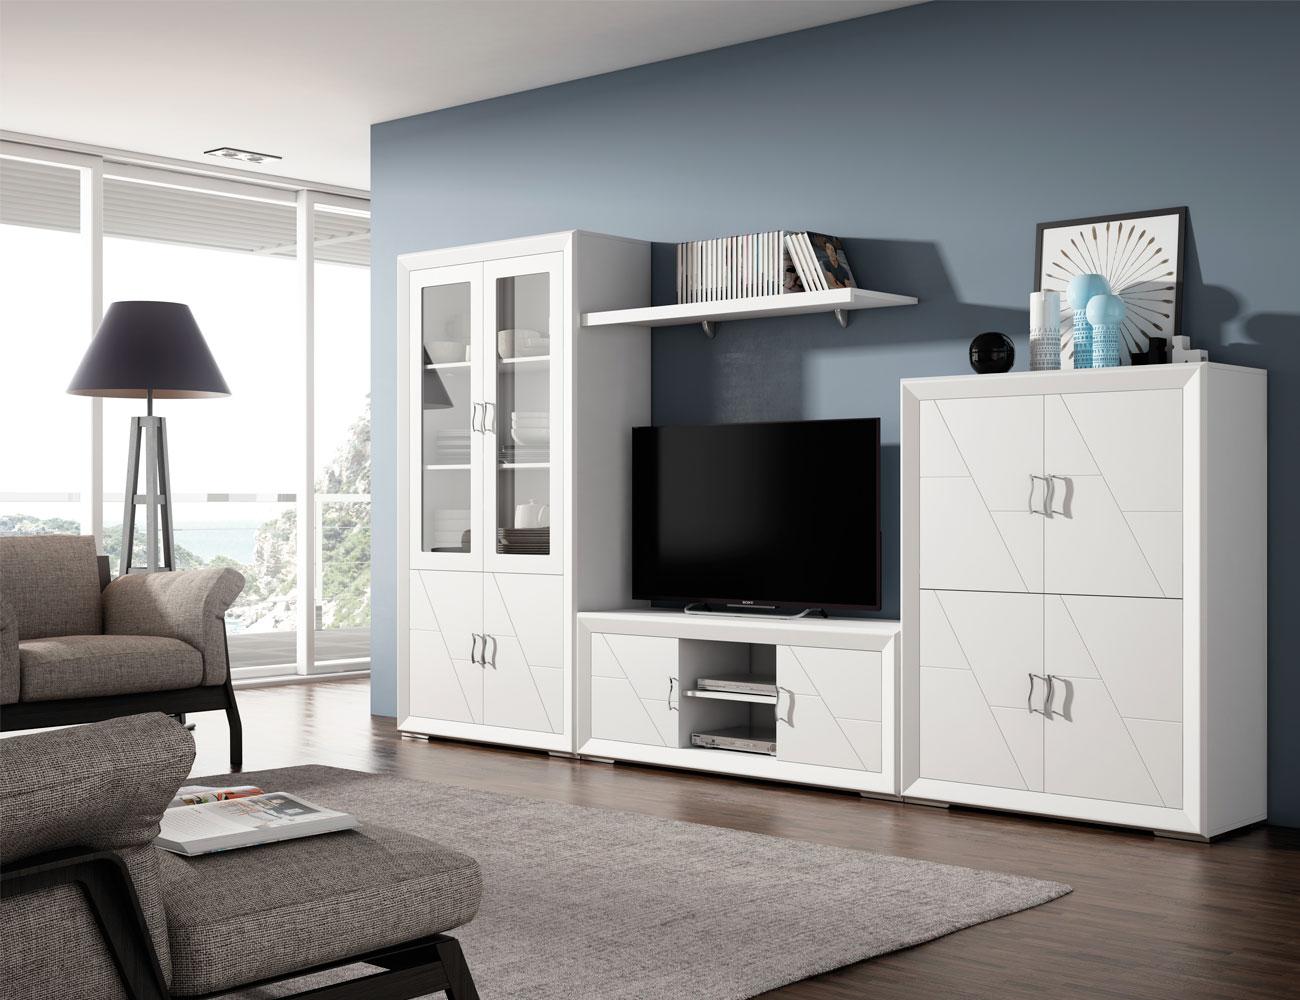 Mesa extensible en madera en color blanco lacado 8028 - Mueble comedor blanco ...